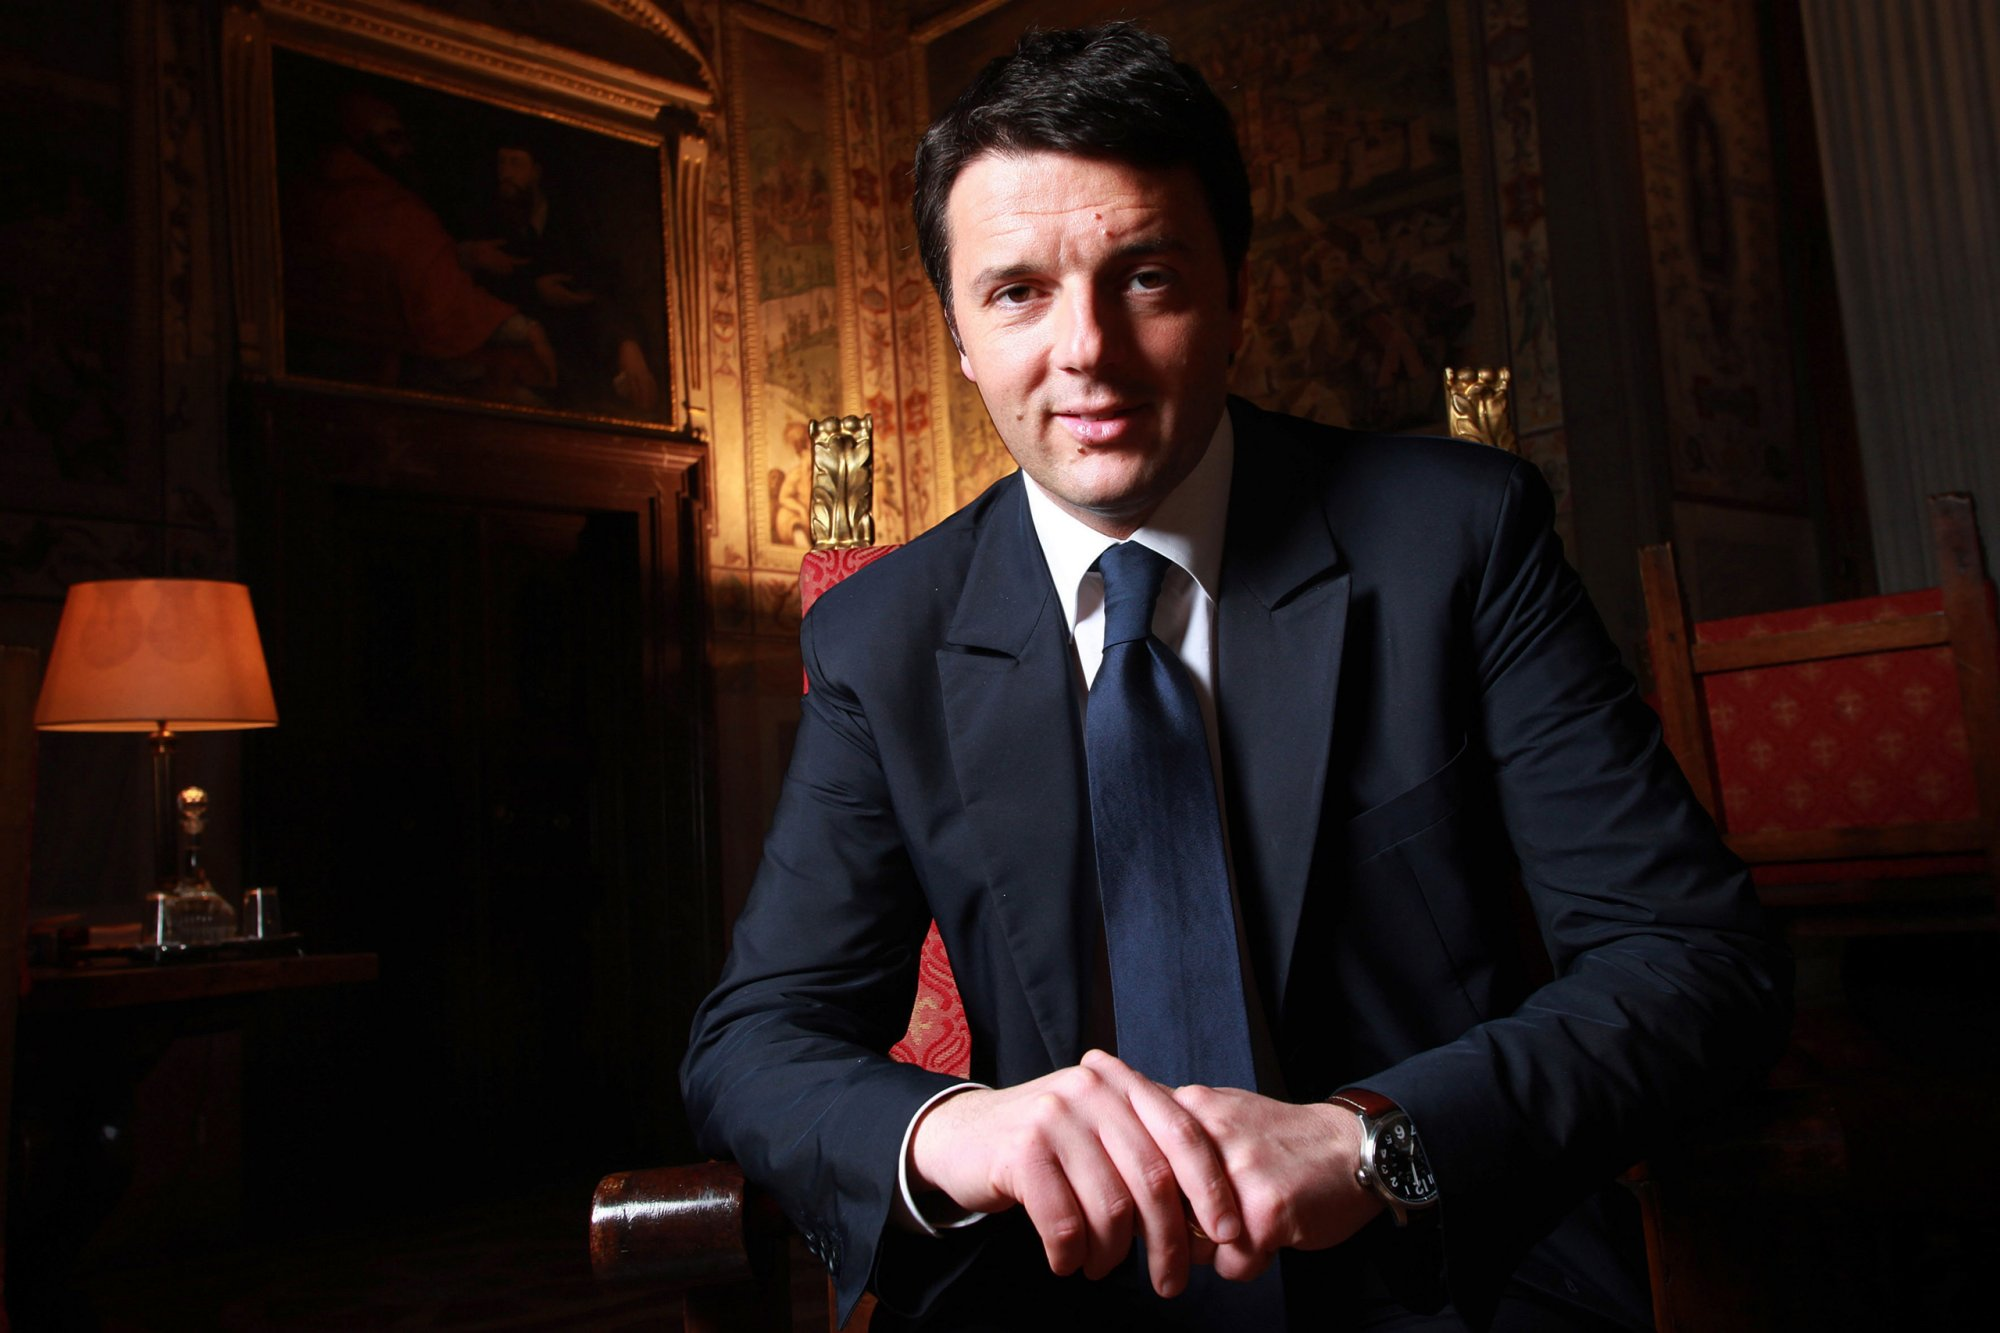 PRESIDENTE RENZI ANCORA UNA VOLTA VI CHIEDIAMO AIUTO PER I MARITTIMI ITALIANI